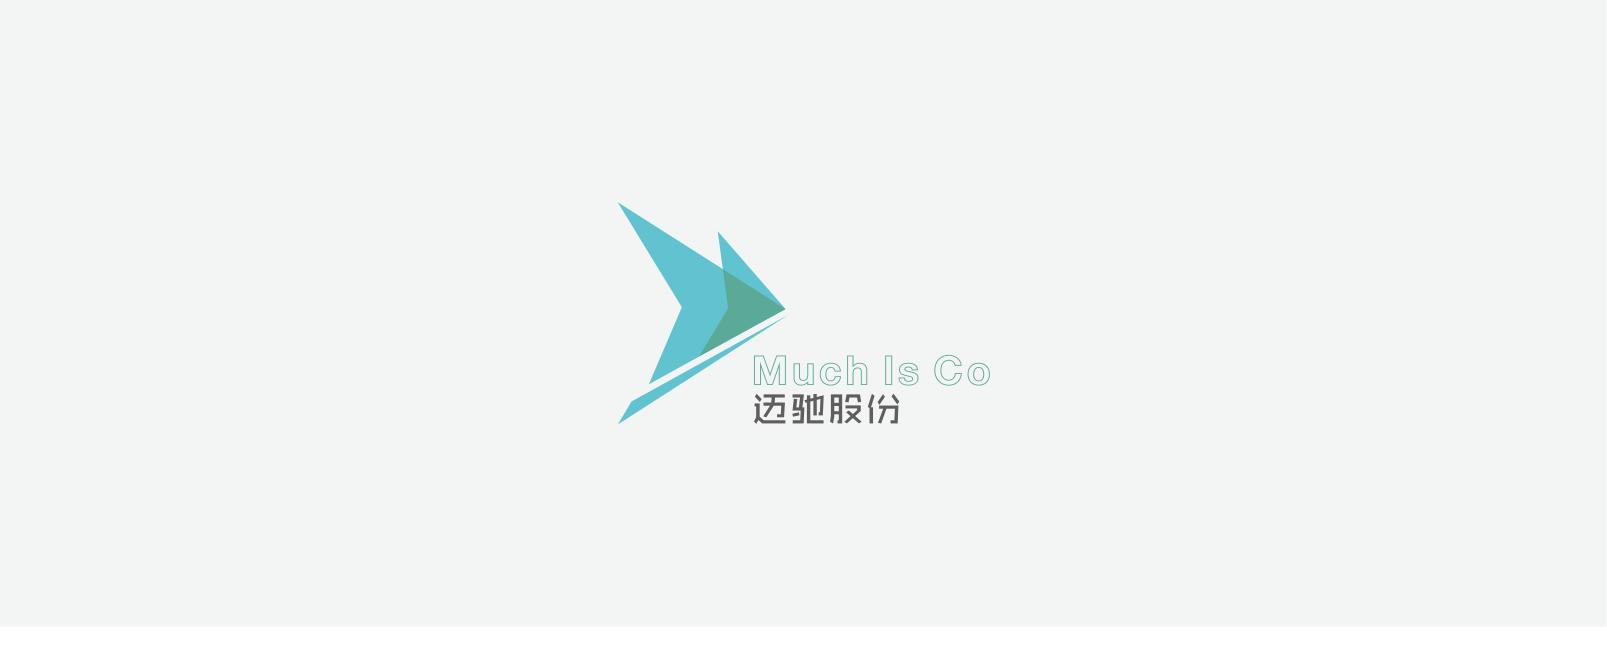 武汉标志设计公司,科技公司LOGO设计